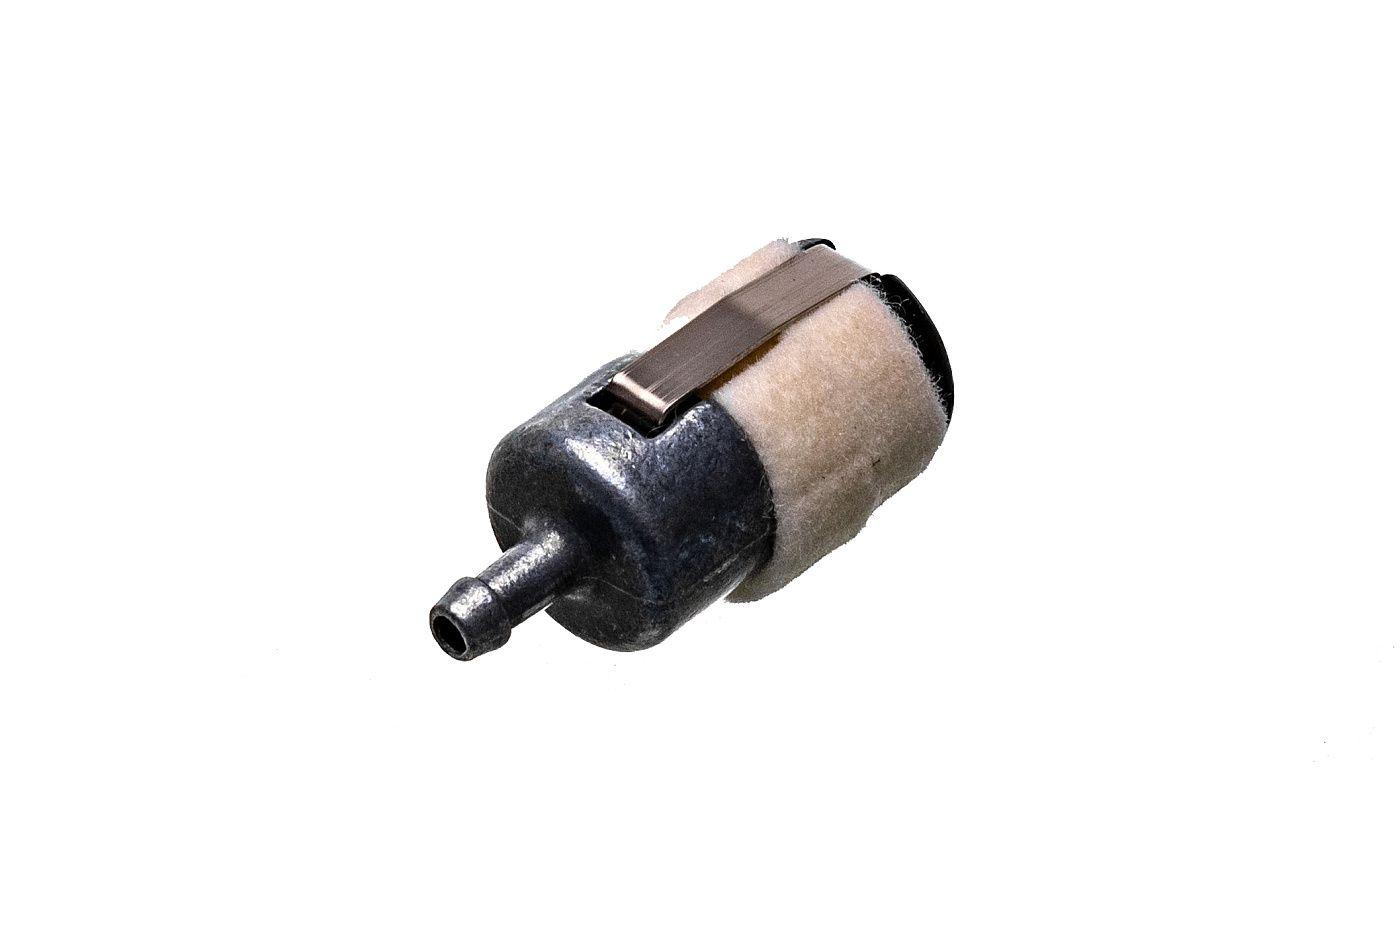 Palivový filtr Husqvarna 51 55 61 66 261 262 272 288 Jonsered 2065 2163 2171 - 19mm